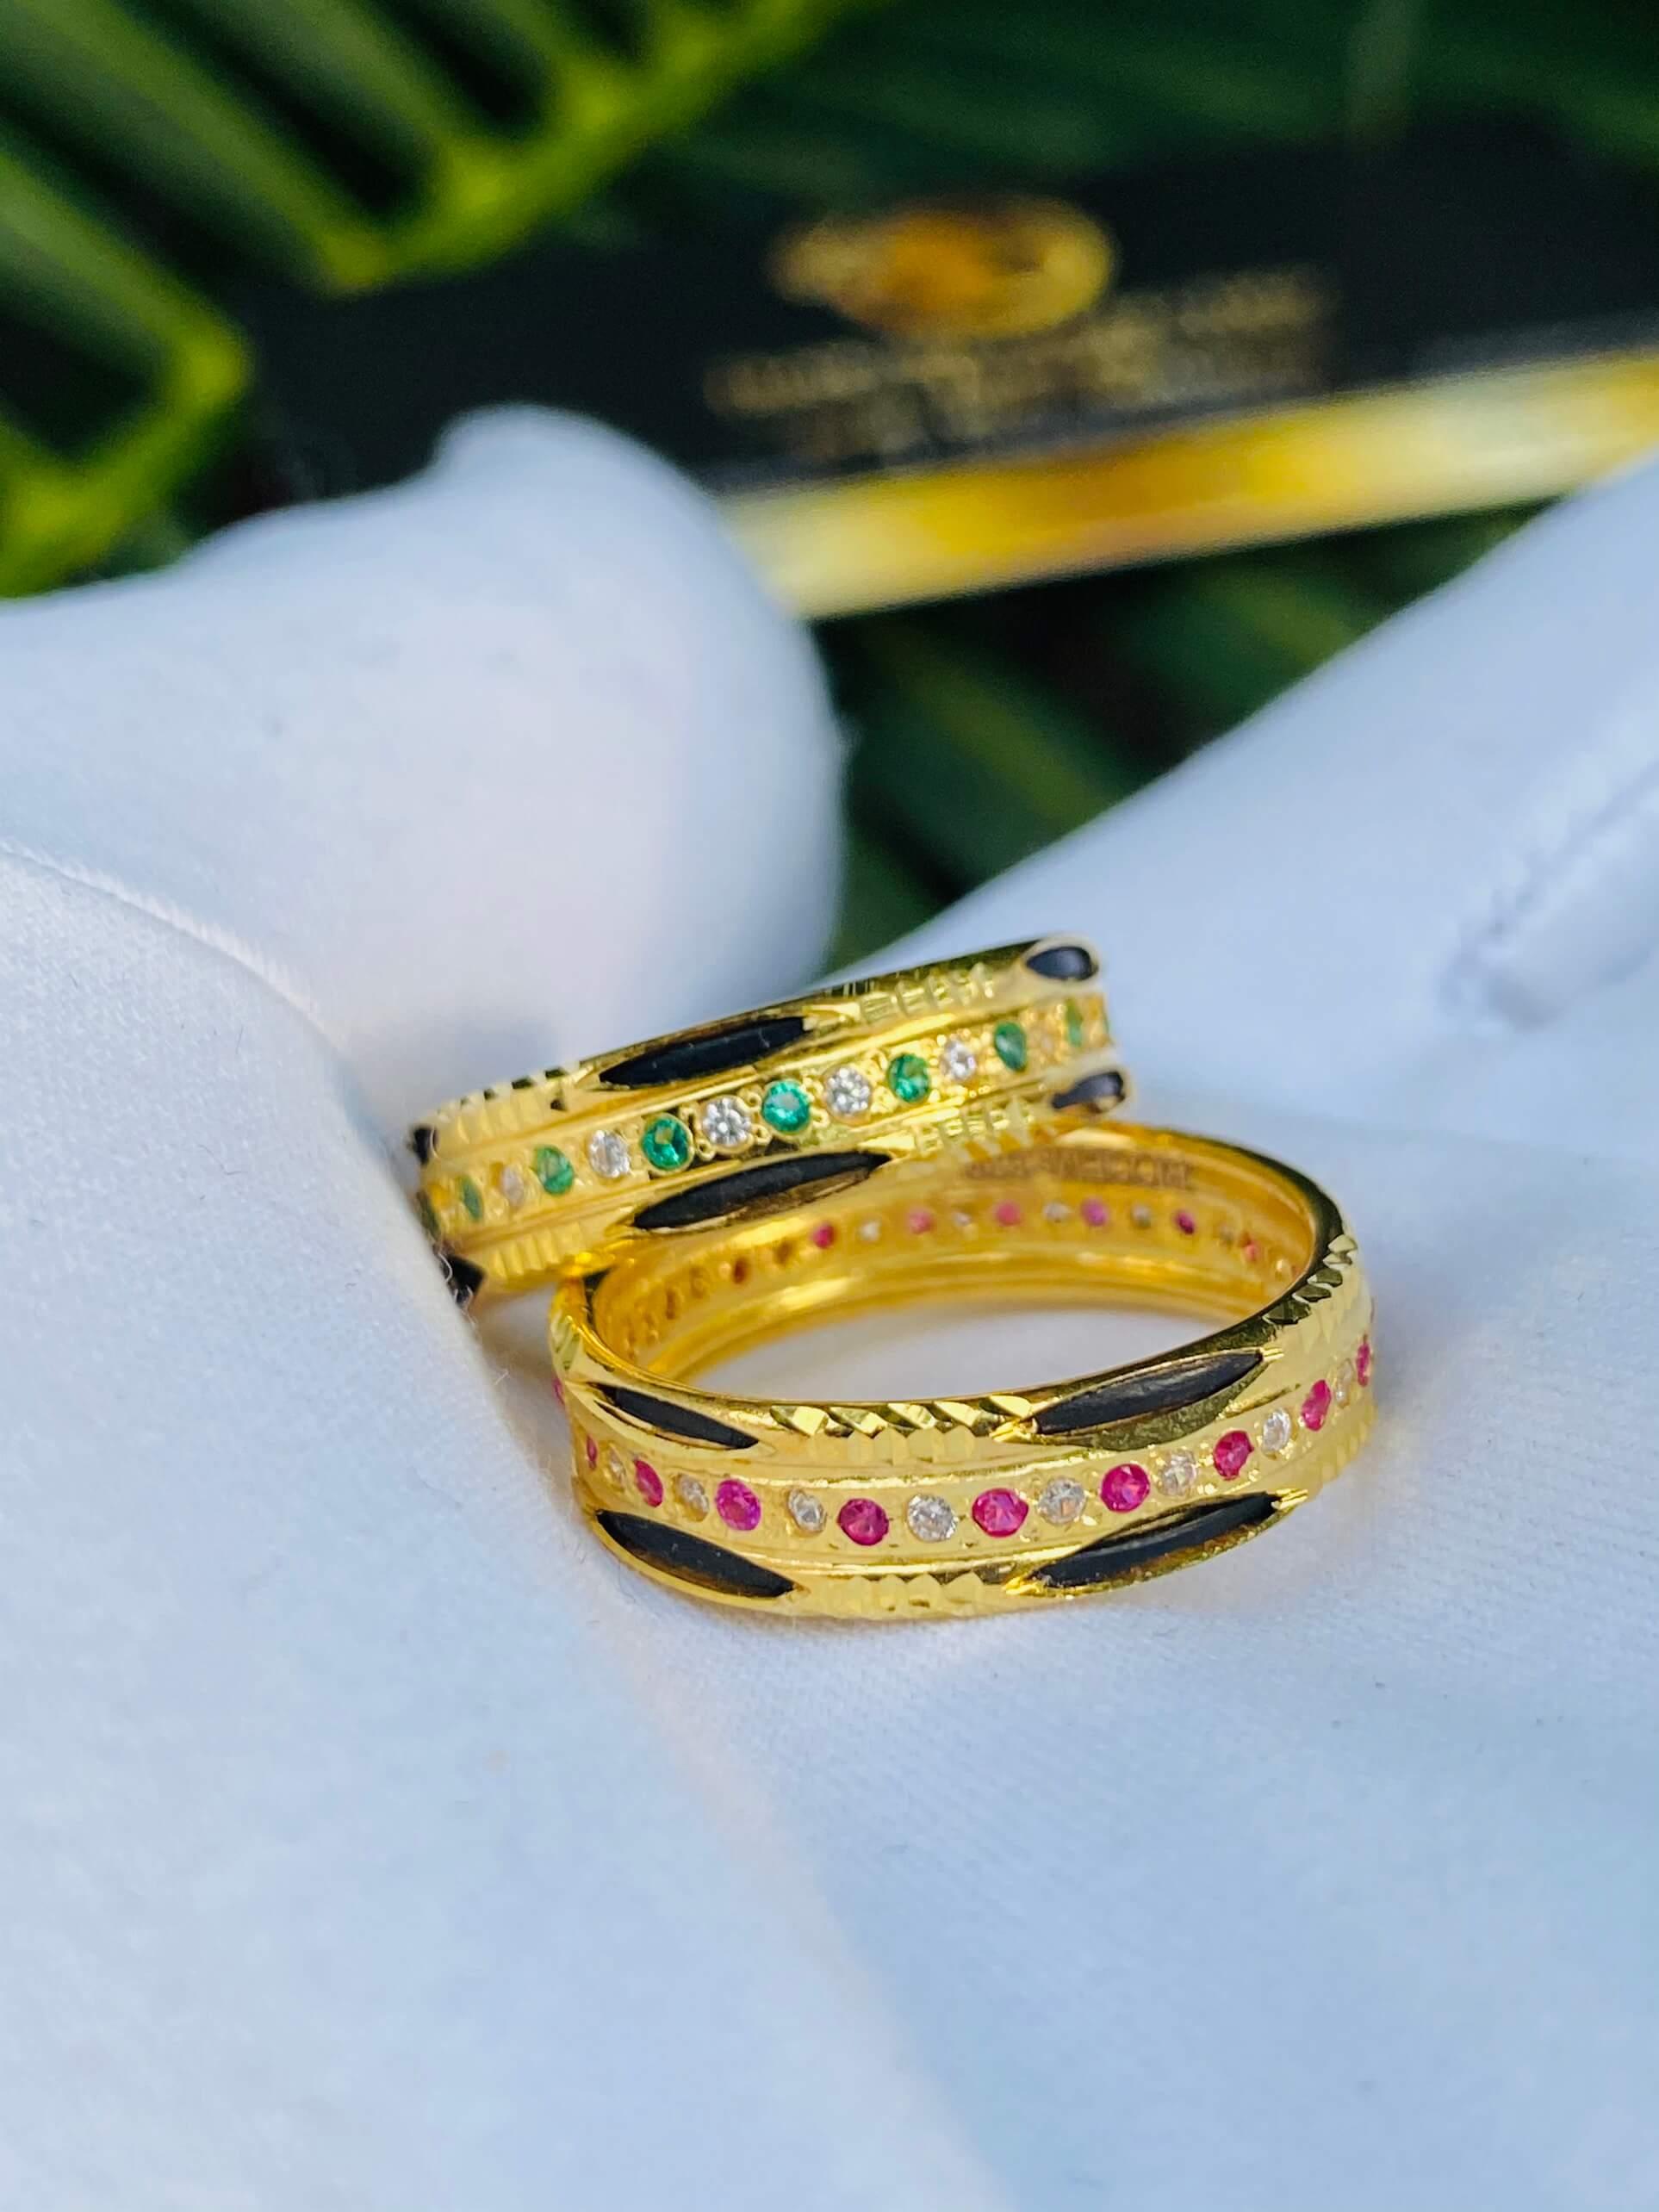 Nhẫn vàng luồng 2 Lông Voi đính đá không kén tay người đeo